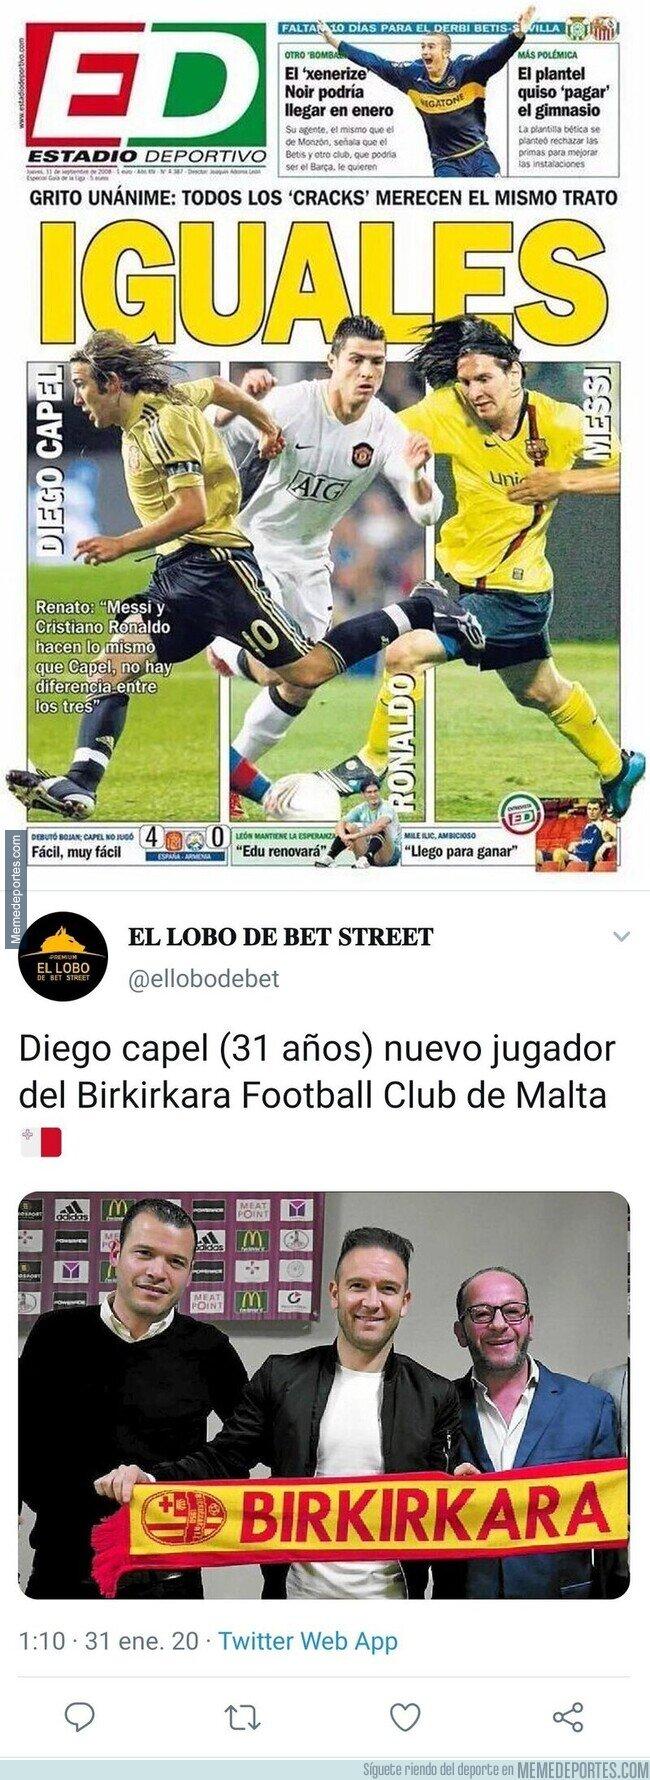 1097536 - ¿Recuerdas esta mítica portada en la que comparaban a Diego Capel con Messi y Cristiano? Pues ojo a esta novedad con la que te reirás